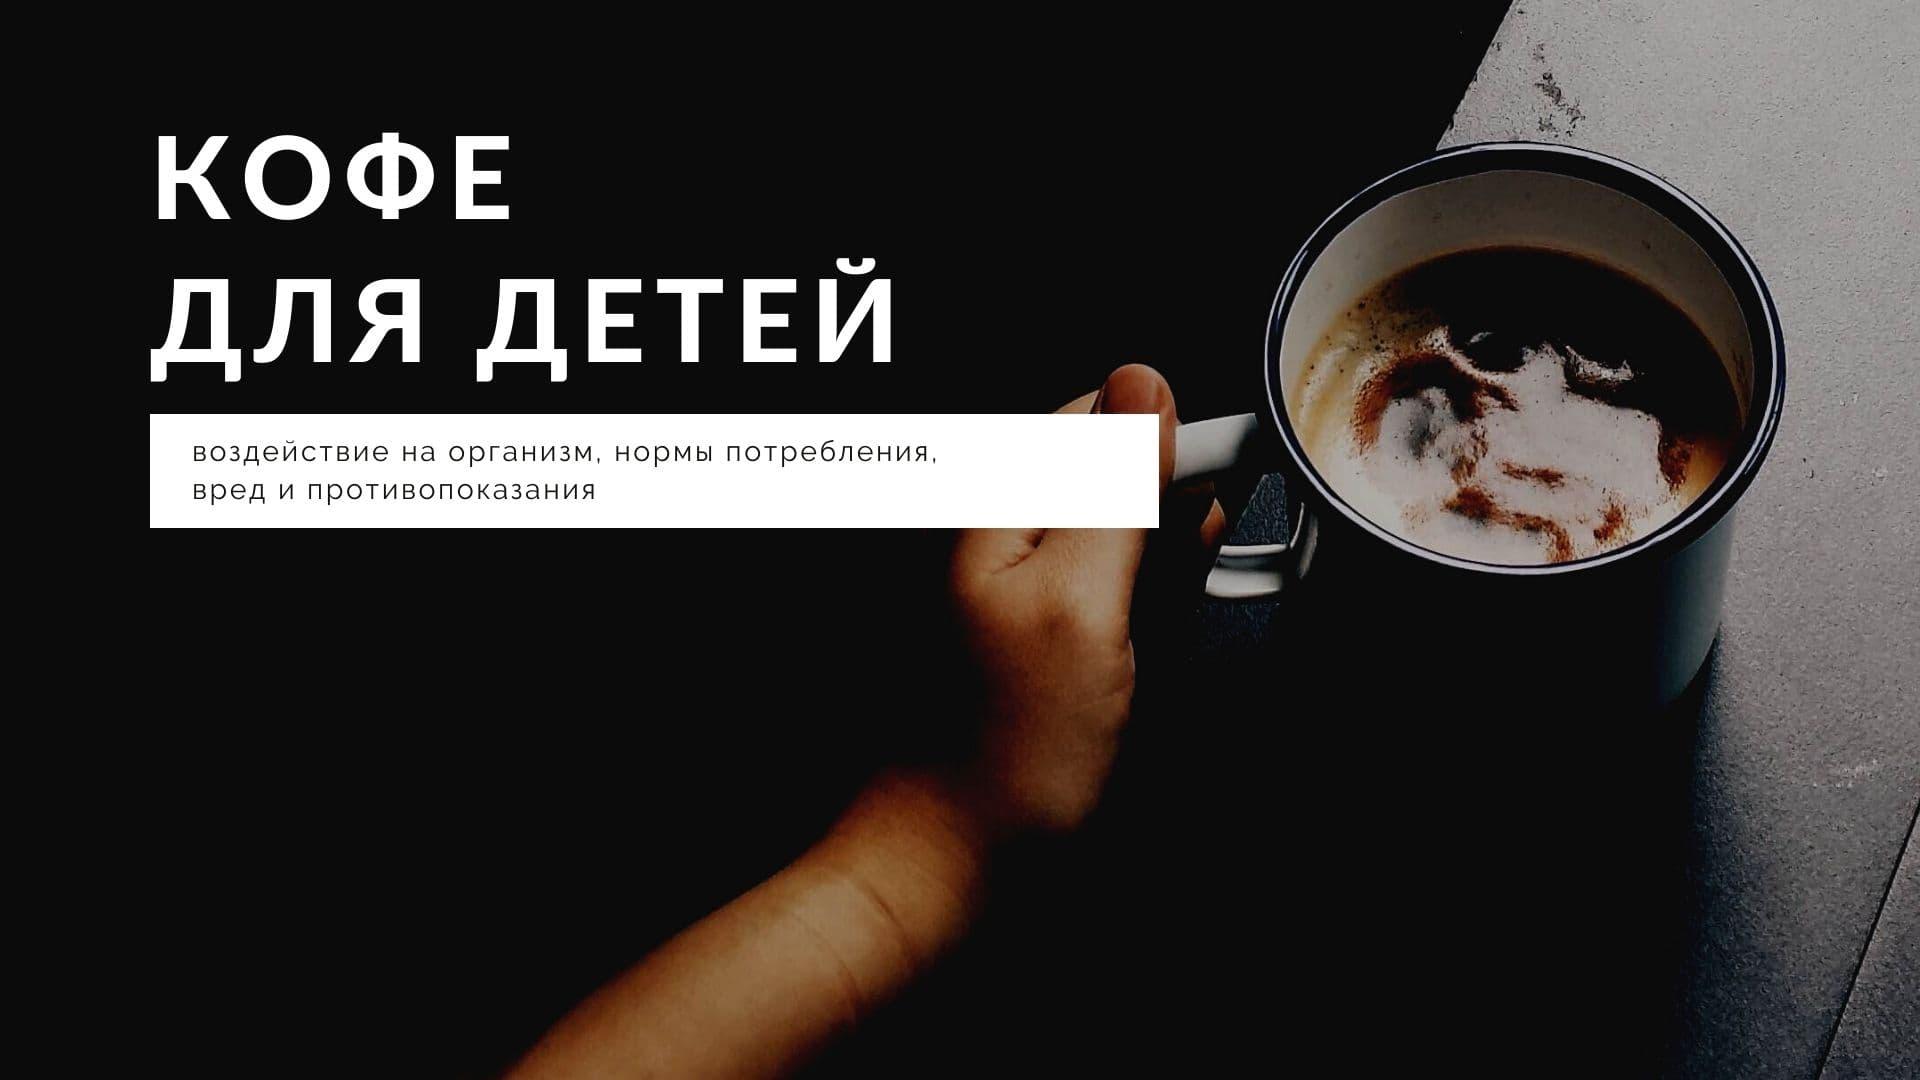 Кофе для детей: воздействие на организм, нормы потребления, вред и противопоказания